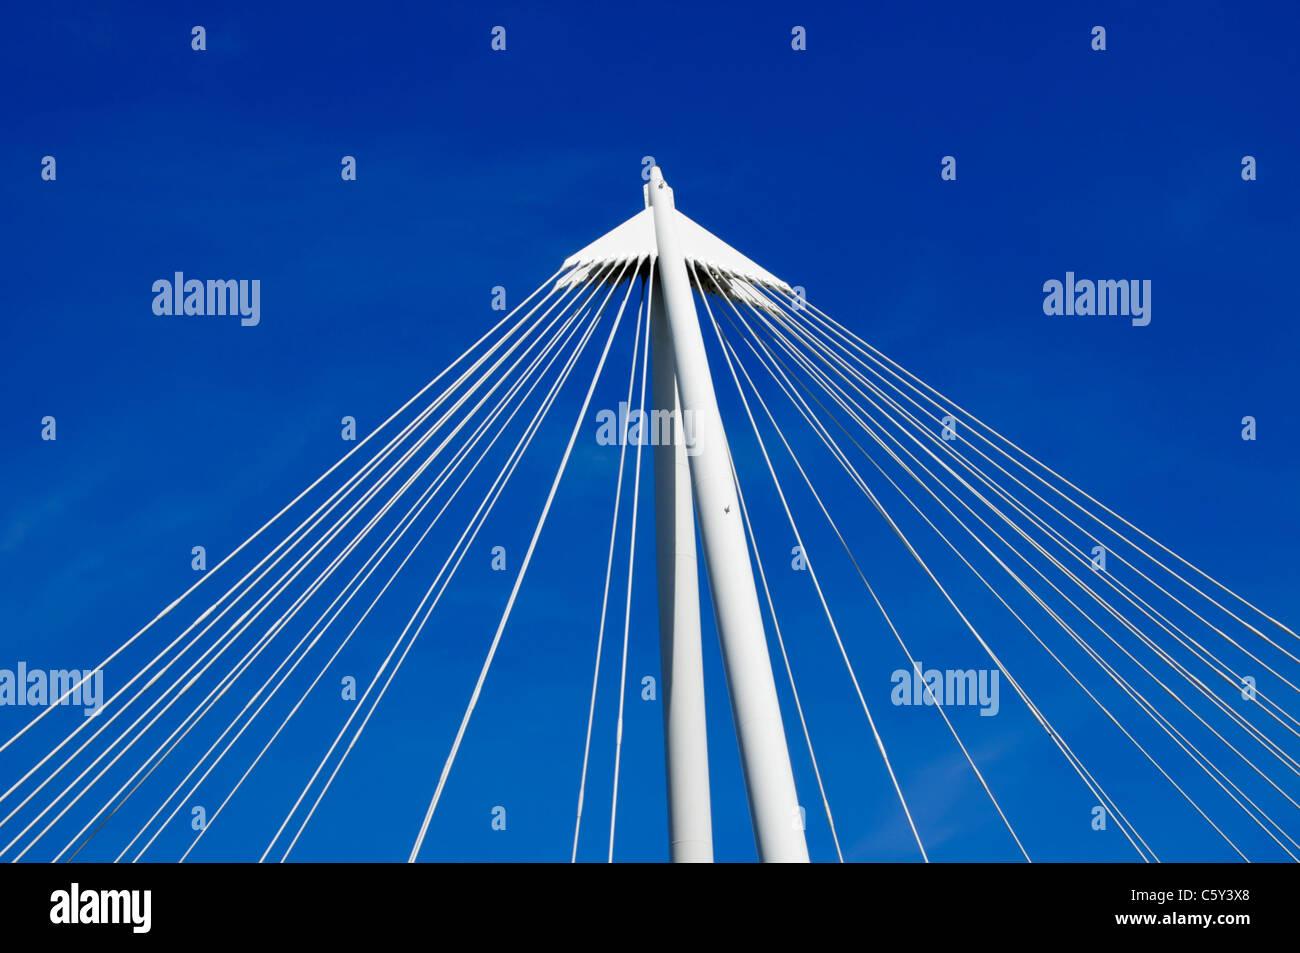 Geometrische abstrakte Architektur Cluster von Suspension Bridge Kabel tief blauen Himmel Hintergrund nach oben Stockbild